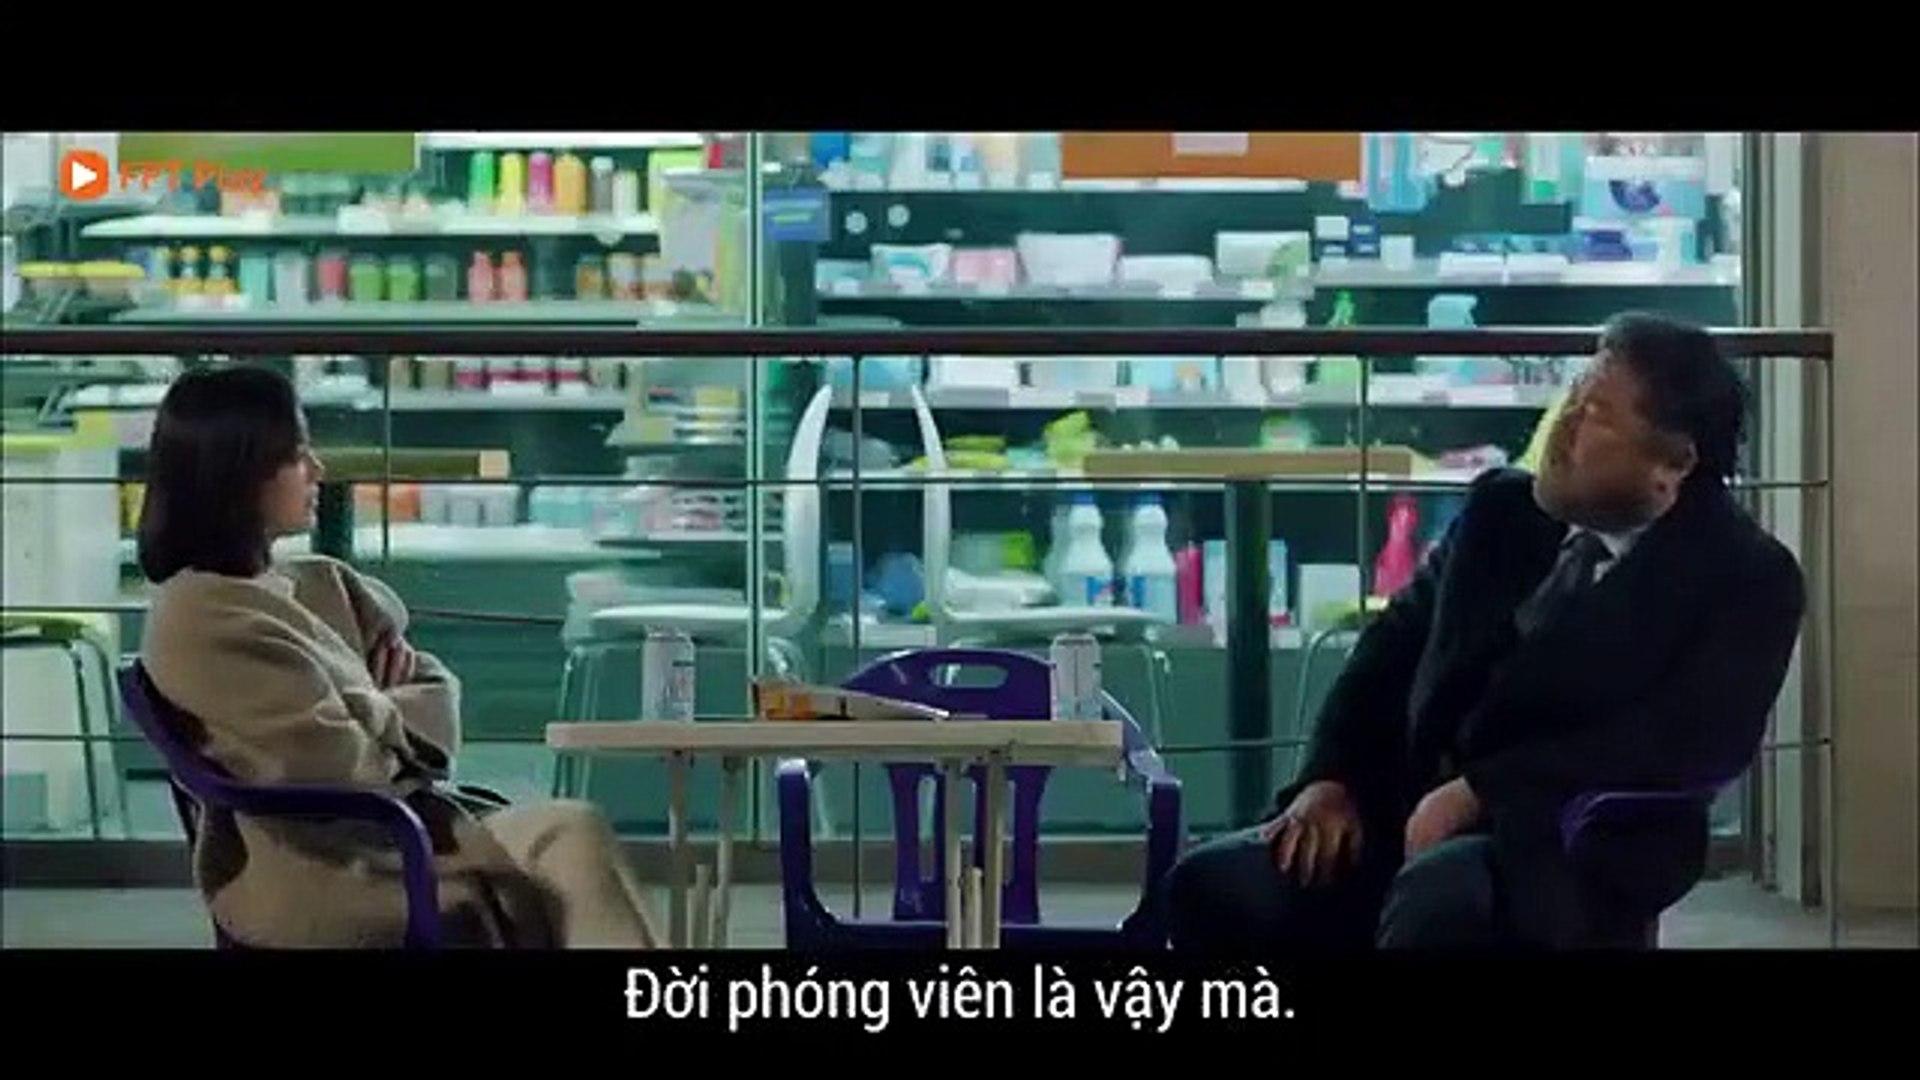 Bạn Trai Tập 3 - HTV2 Lồng Tiếng- Phim Hàn Quốc - Phim Ban Trai Tap 4 - Phim Ban Trai Tap 3